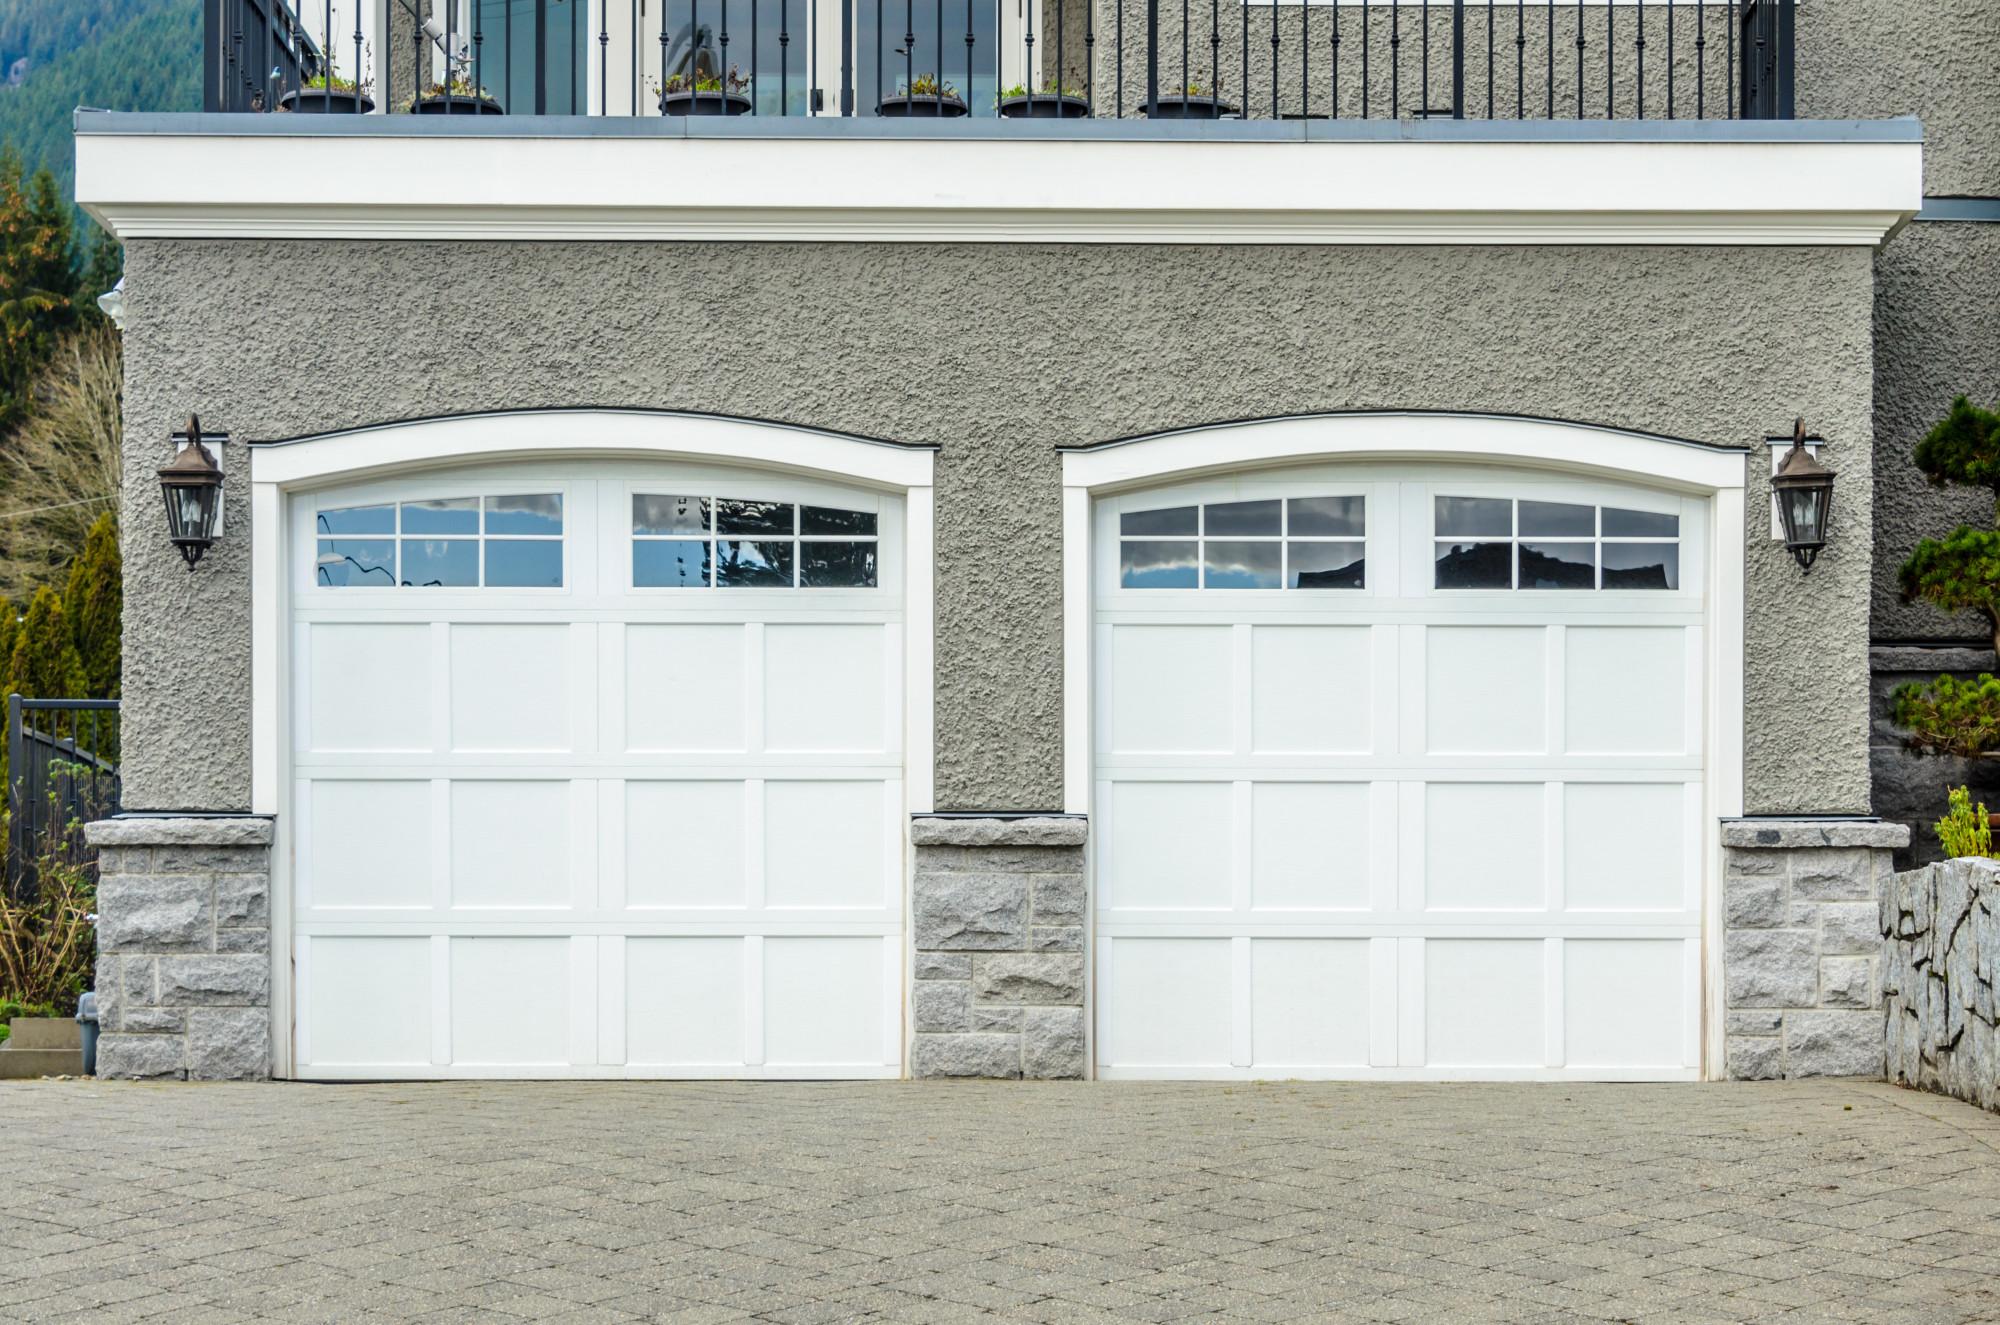 How to Paint a Garage Door: Your Complete DIY Tutorial